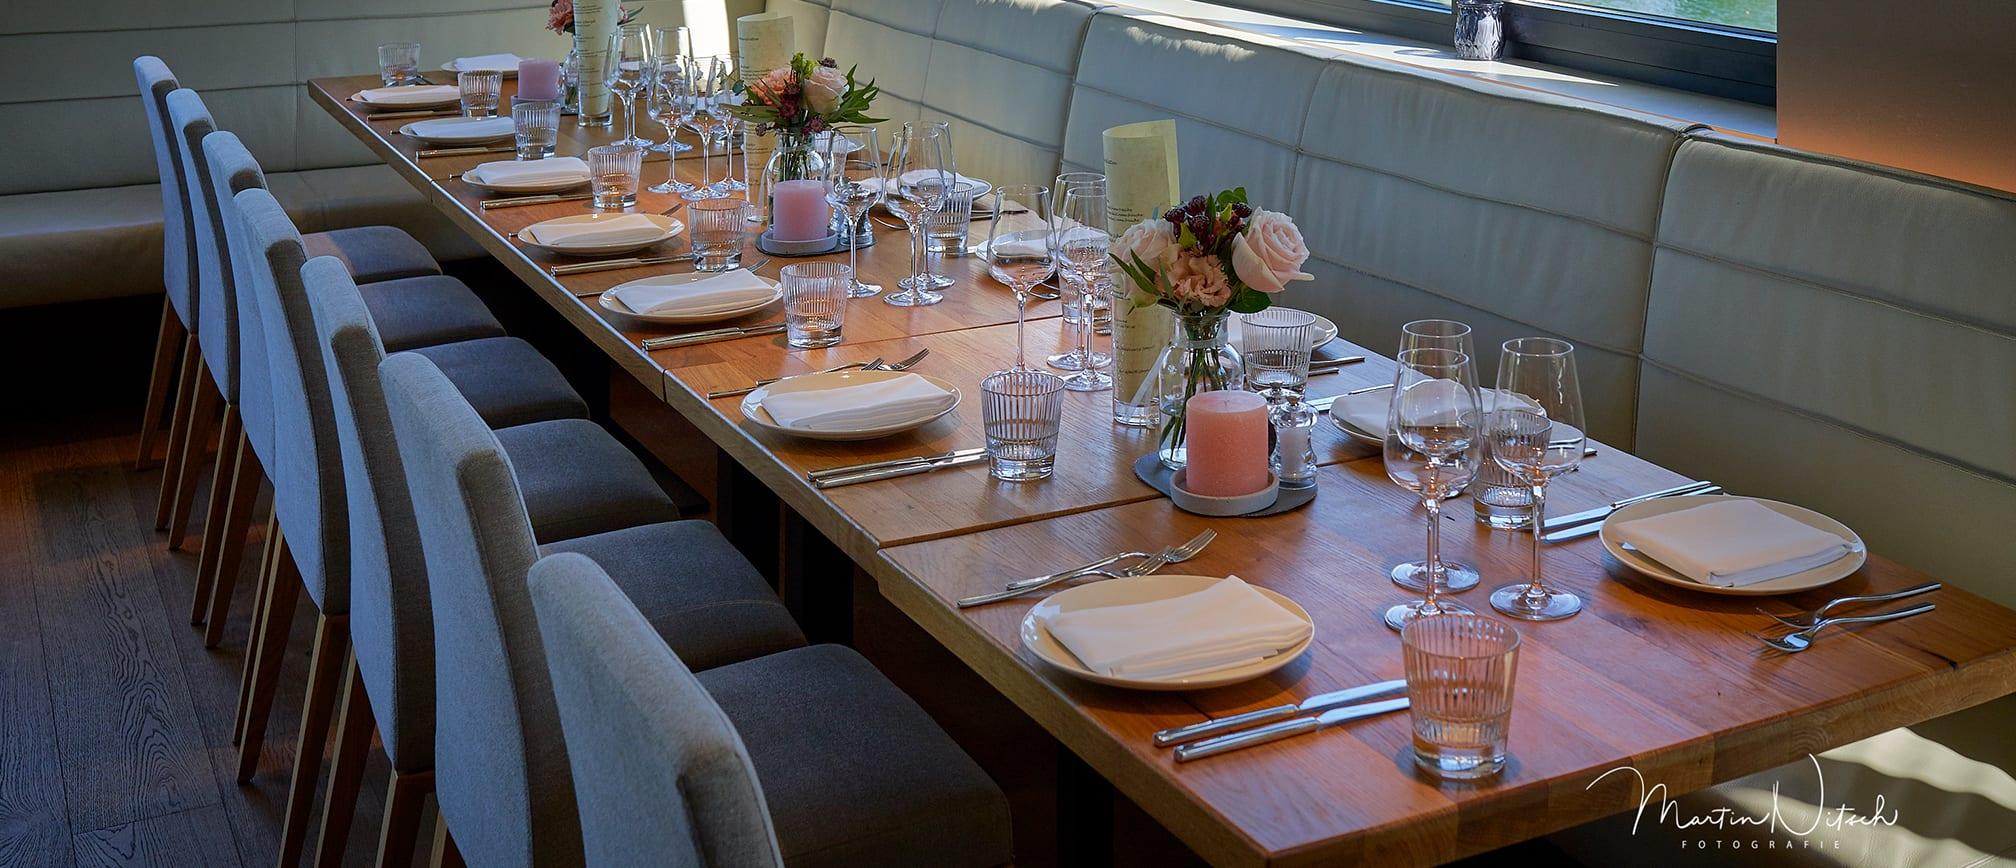 Gedeckte Tischtafel im Innenbereich